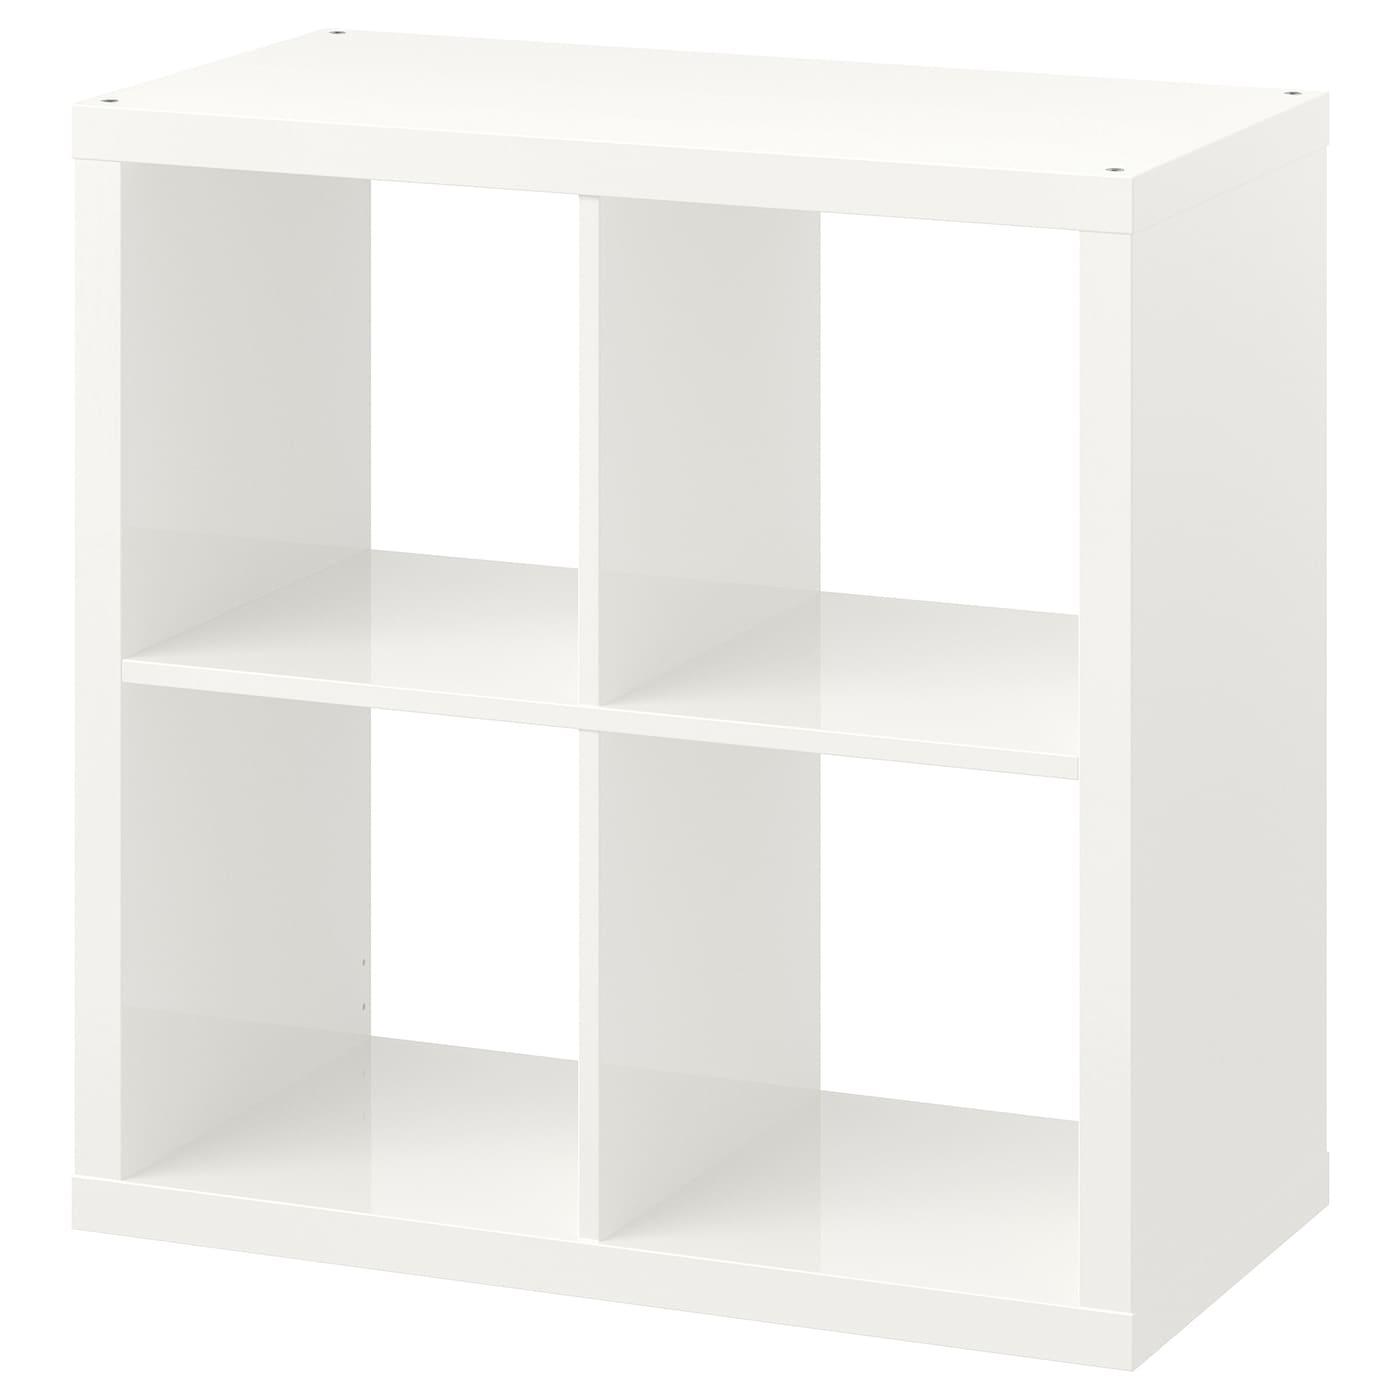 kallax estanter a alto brillo blanco 77 x 77 cm ikea. Black Bedroom Furniture Sets. Home Design Ideas